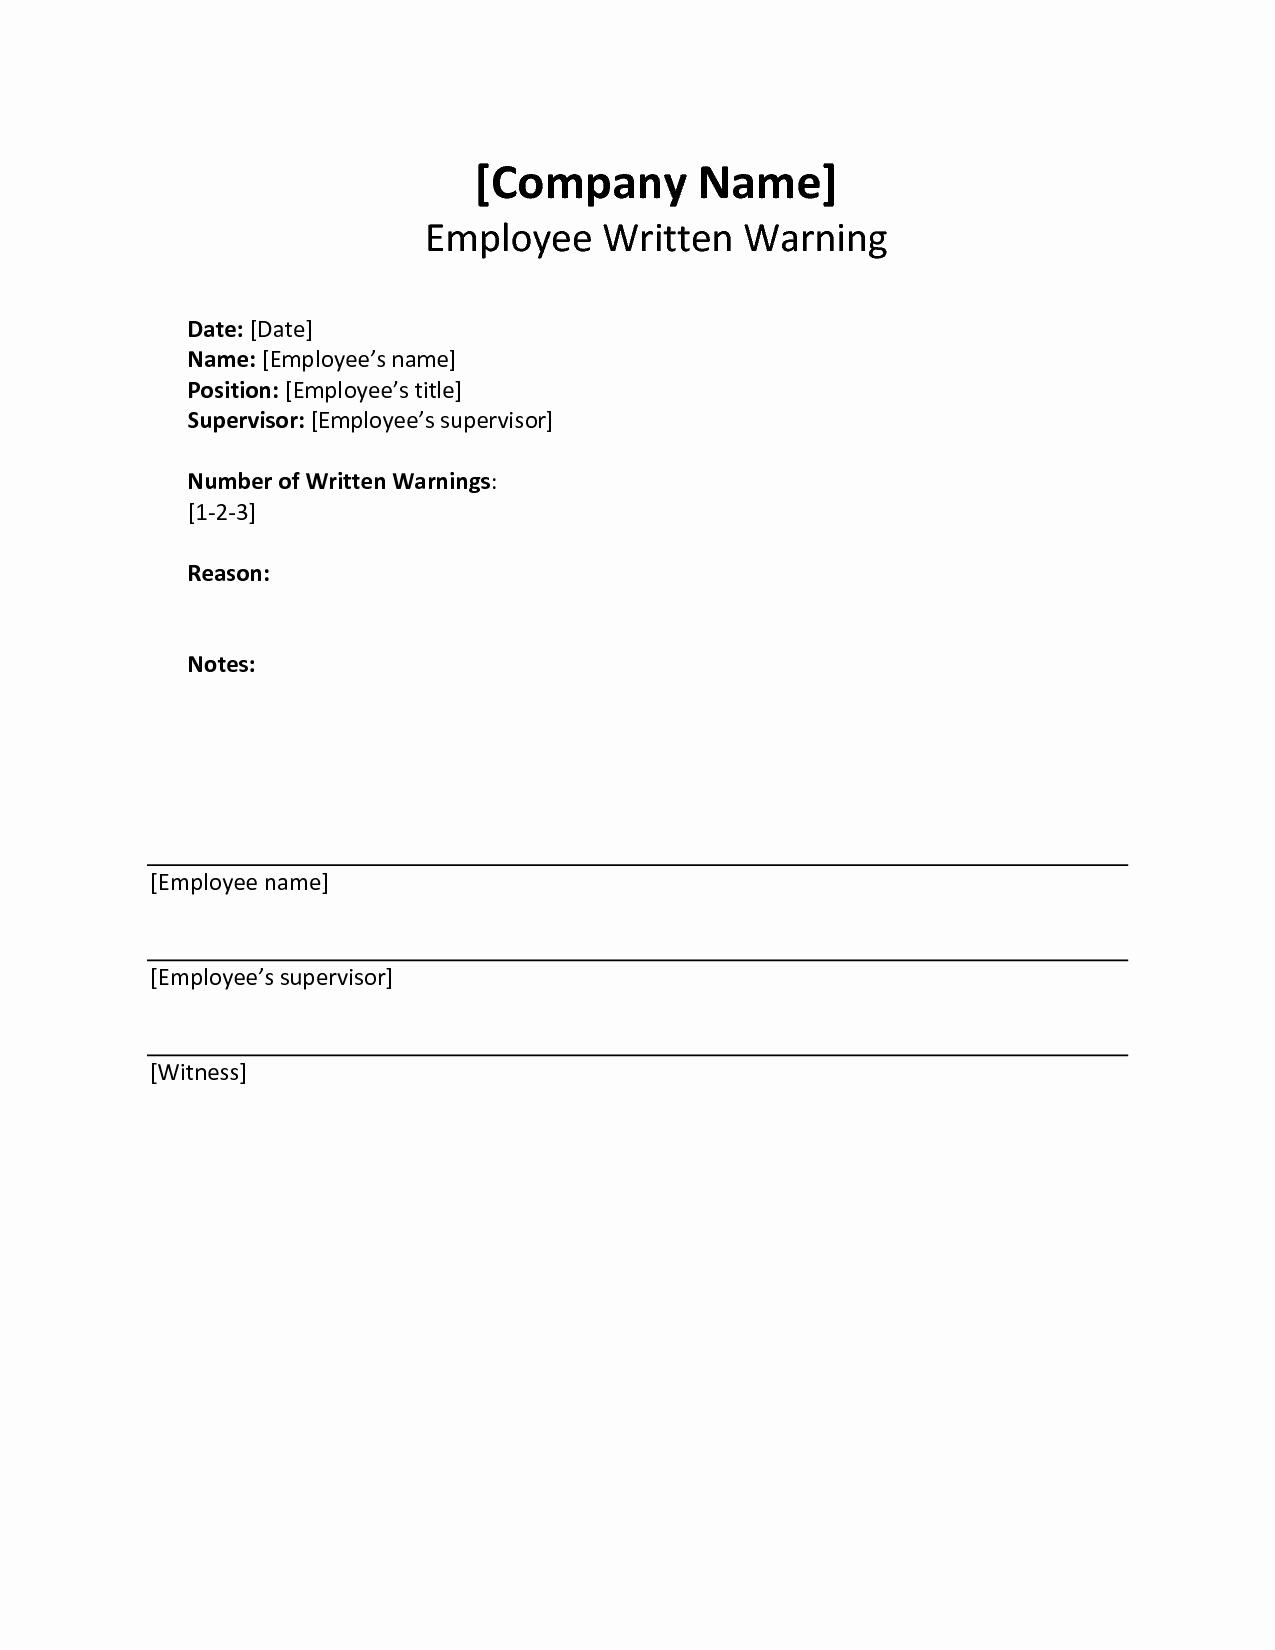 Employee Written Warning Template Free Lovely Written Warning Template